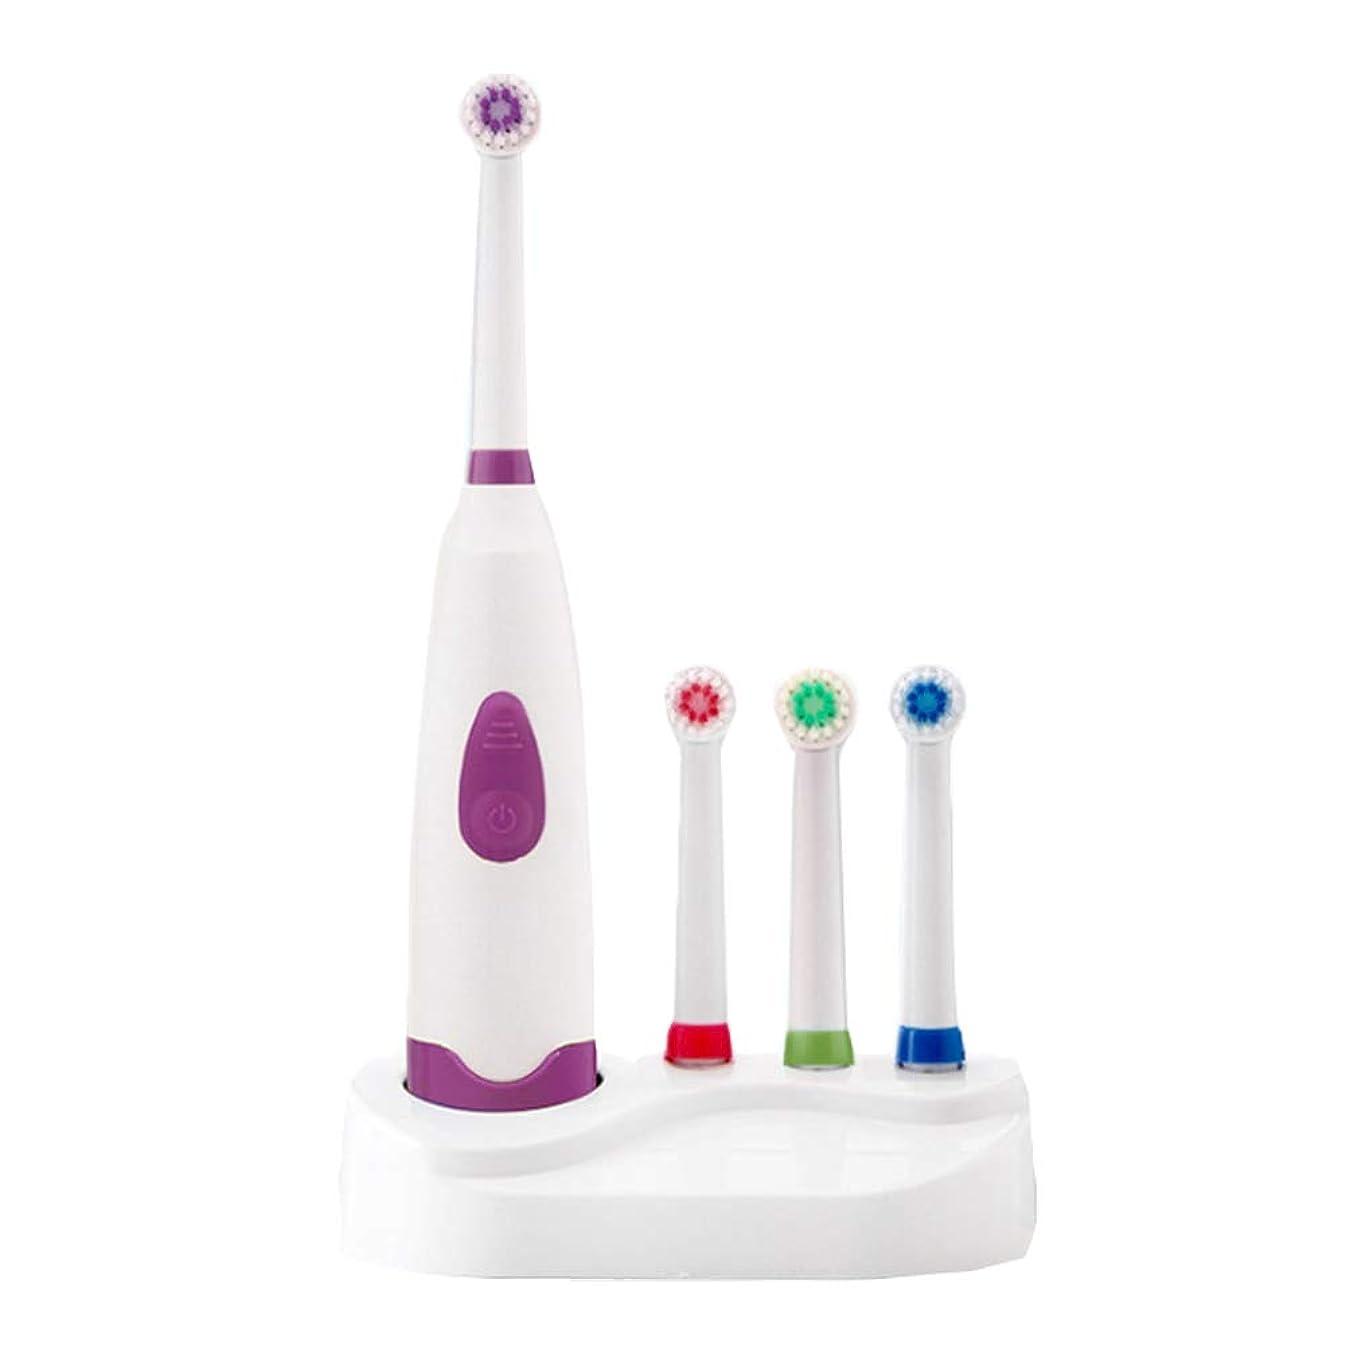 プランテーション溶接マカダム自動電動歯ブラシIPX7防水超音波ロータリー歯ブラシ4ブラシヘッド大人子供電動歯ブラシ,Purple